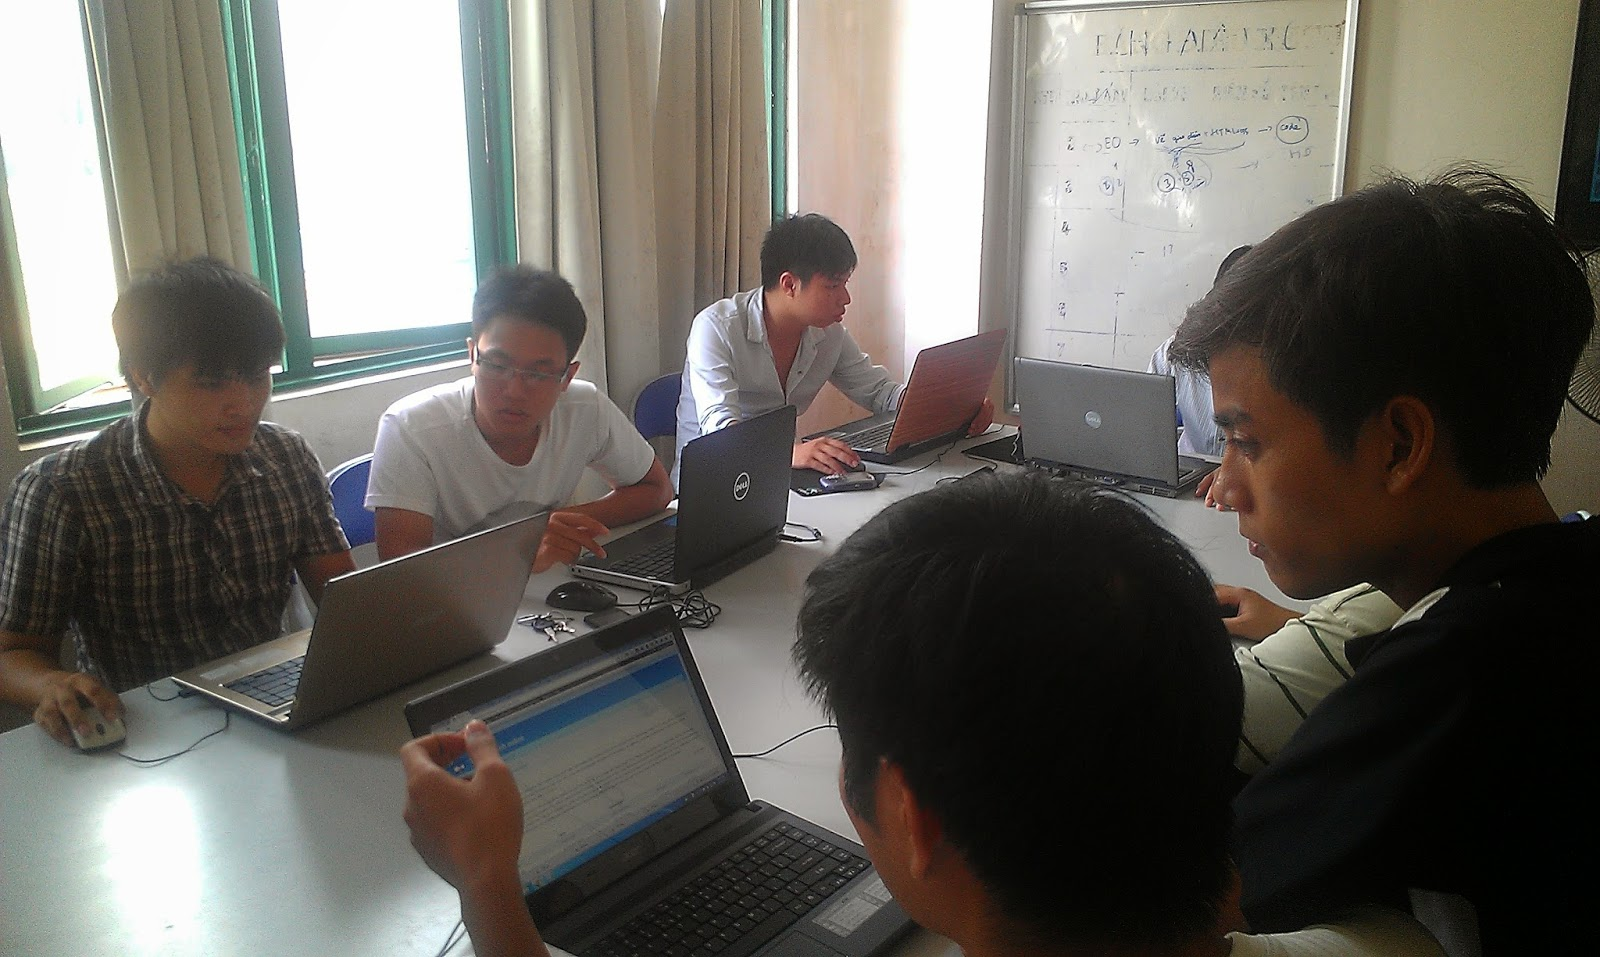 Học tin học văn phòng ở đâu tốt? Nên học tin học văn phòng ở đâu? | tinhoc.viettamduc.com